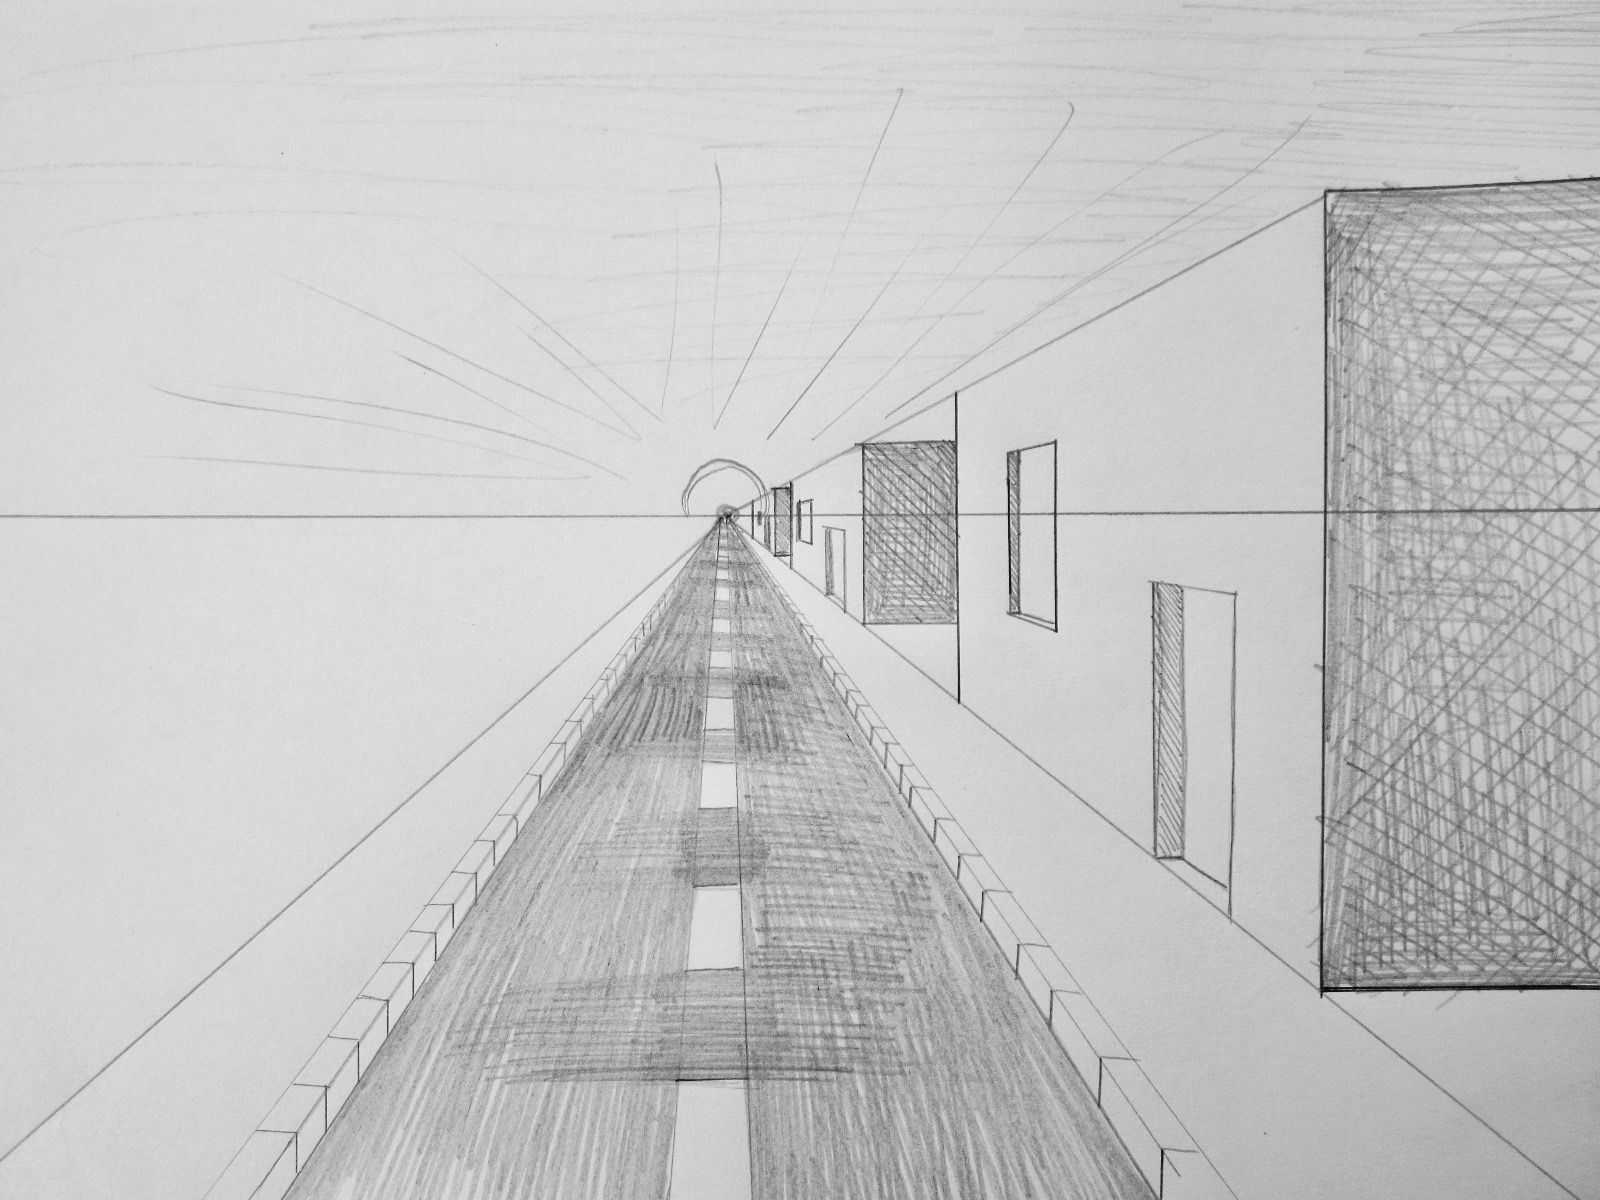 Perspektive Zeichnen Straße